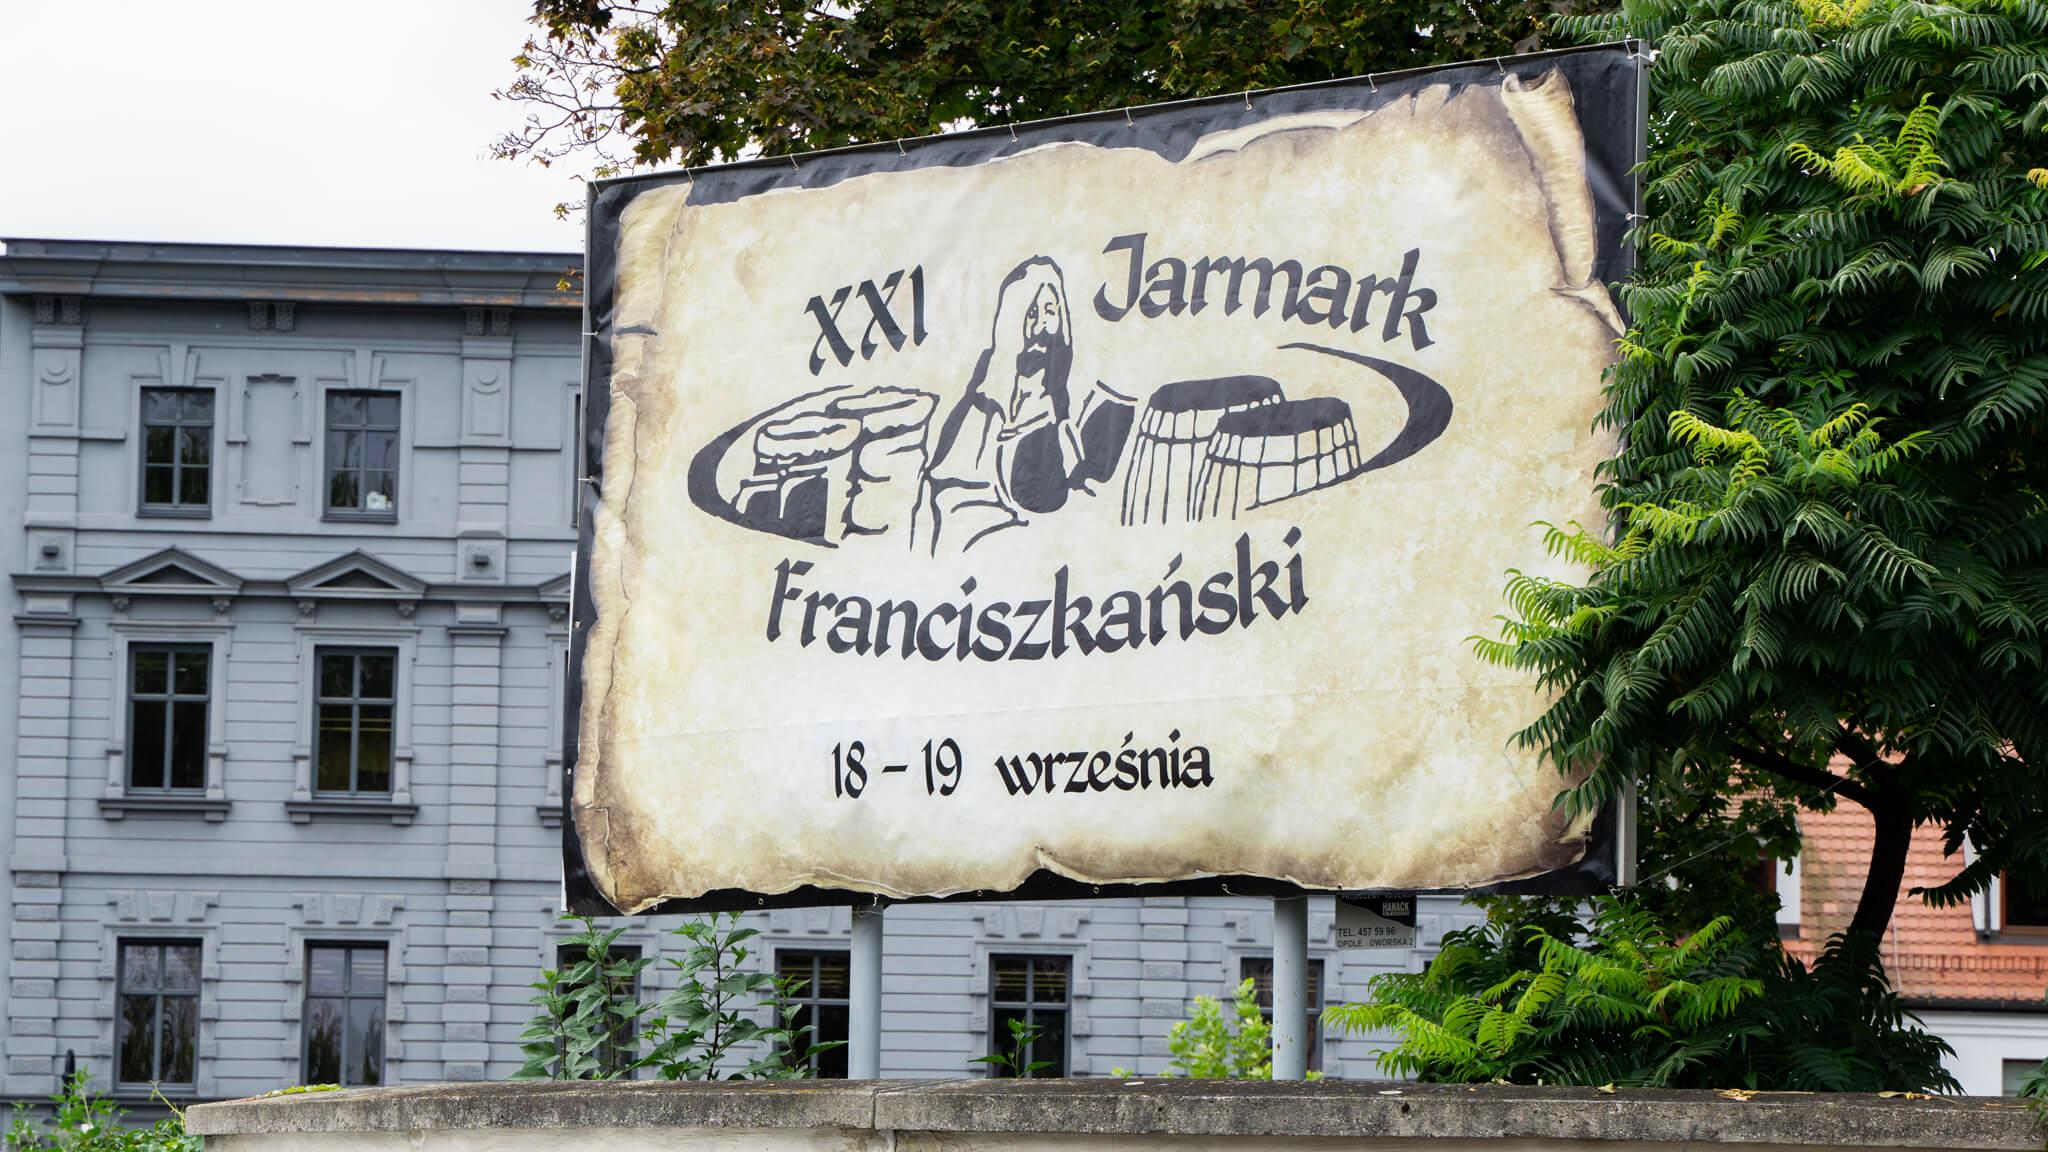 Jarmark Franciszkański 2021